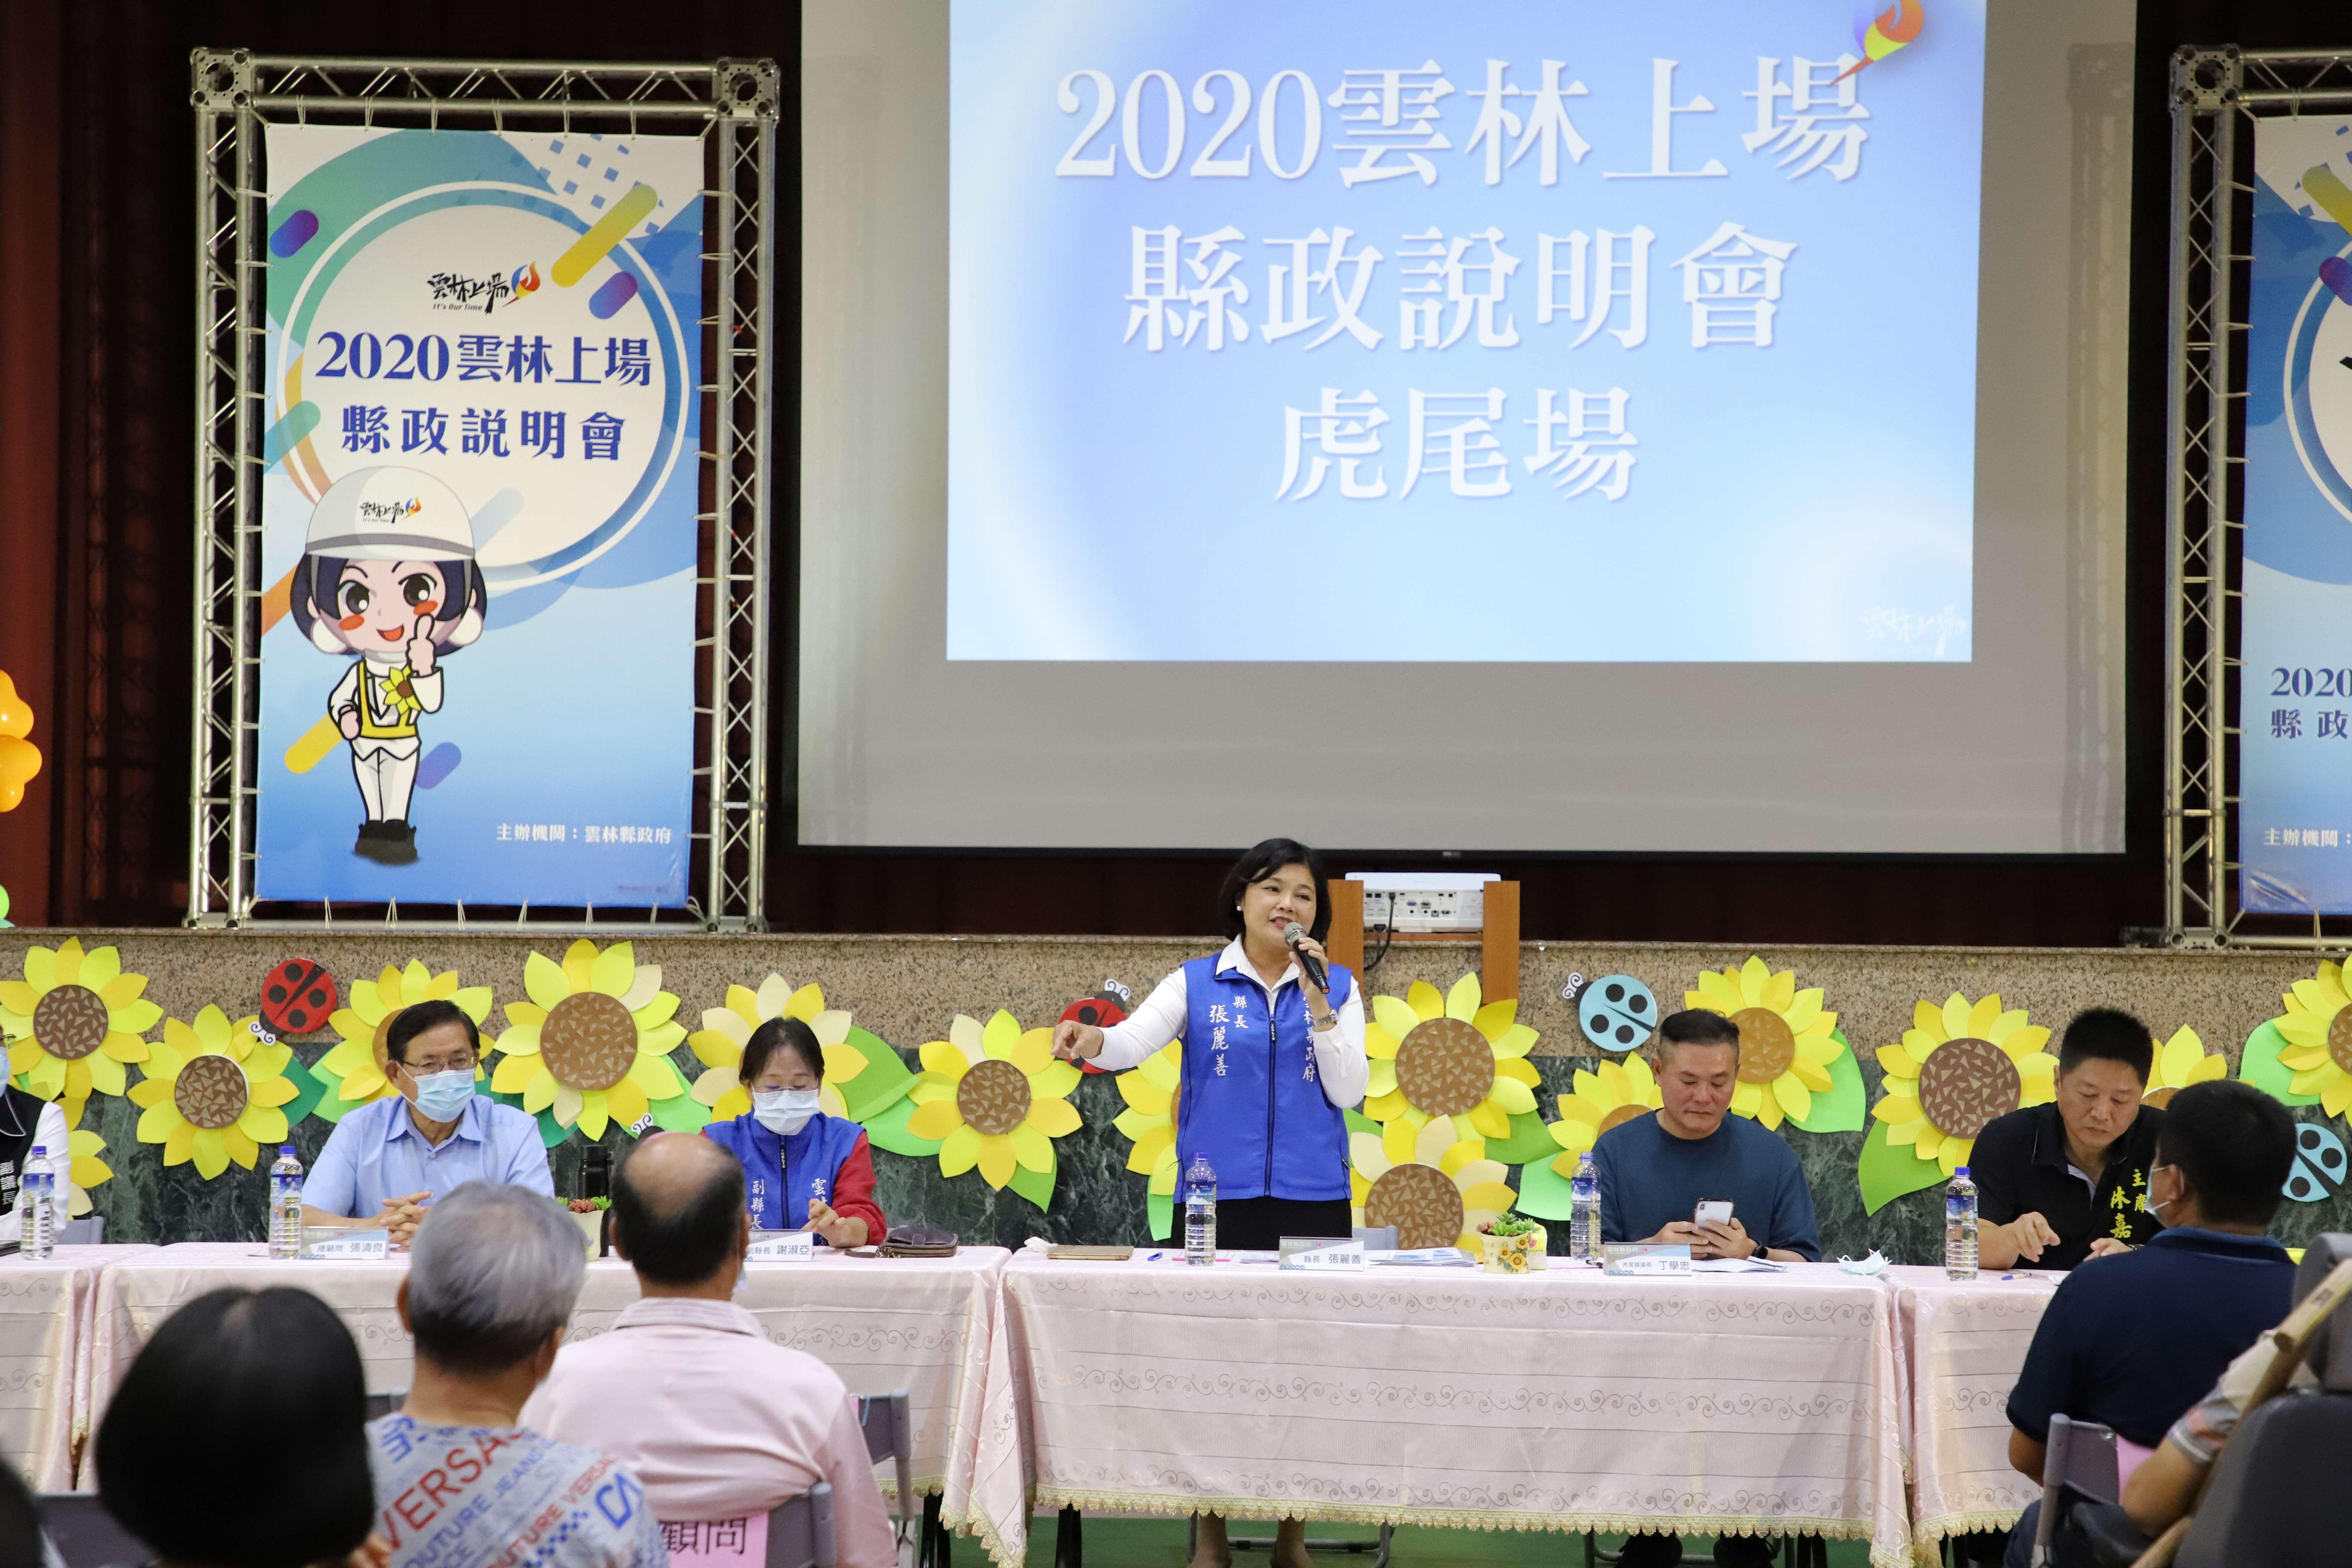 張縣長向鄉親報告施政現況及未來規劃藍圖。